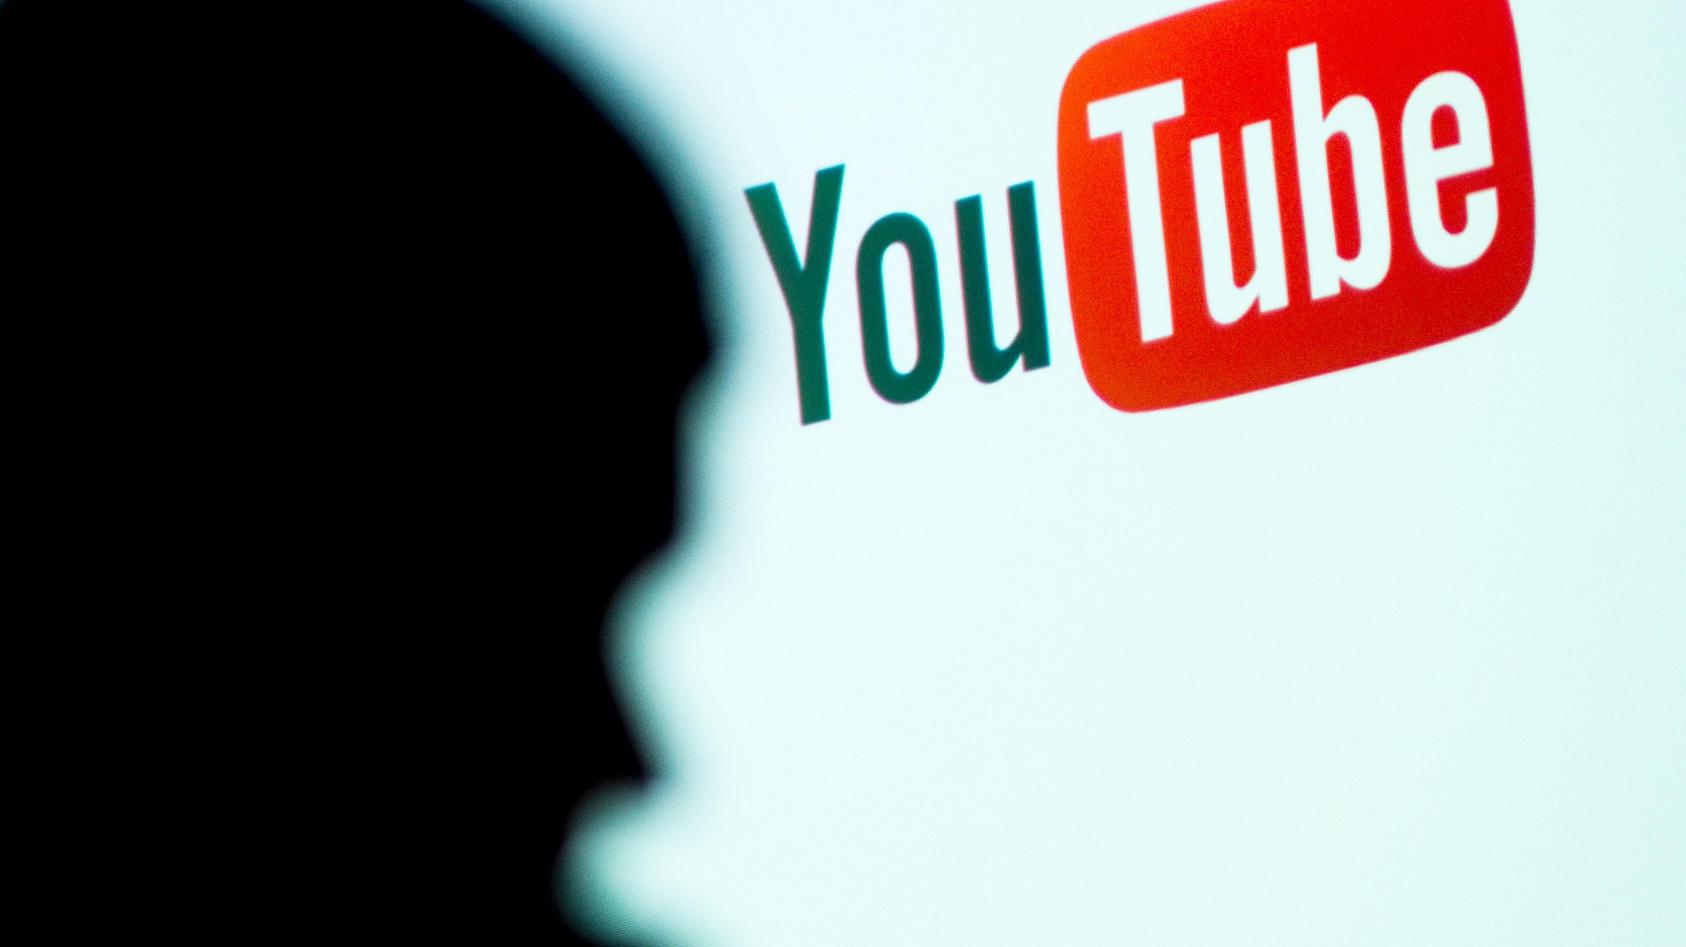 """Macht Youtube es Pädophilen zu leicht? Youtuber """"MattsWhatItIs"""" erhebt schwere Vorwürfe."""